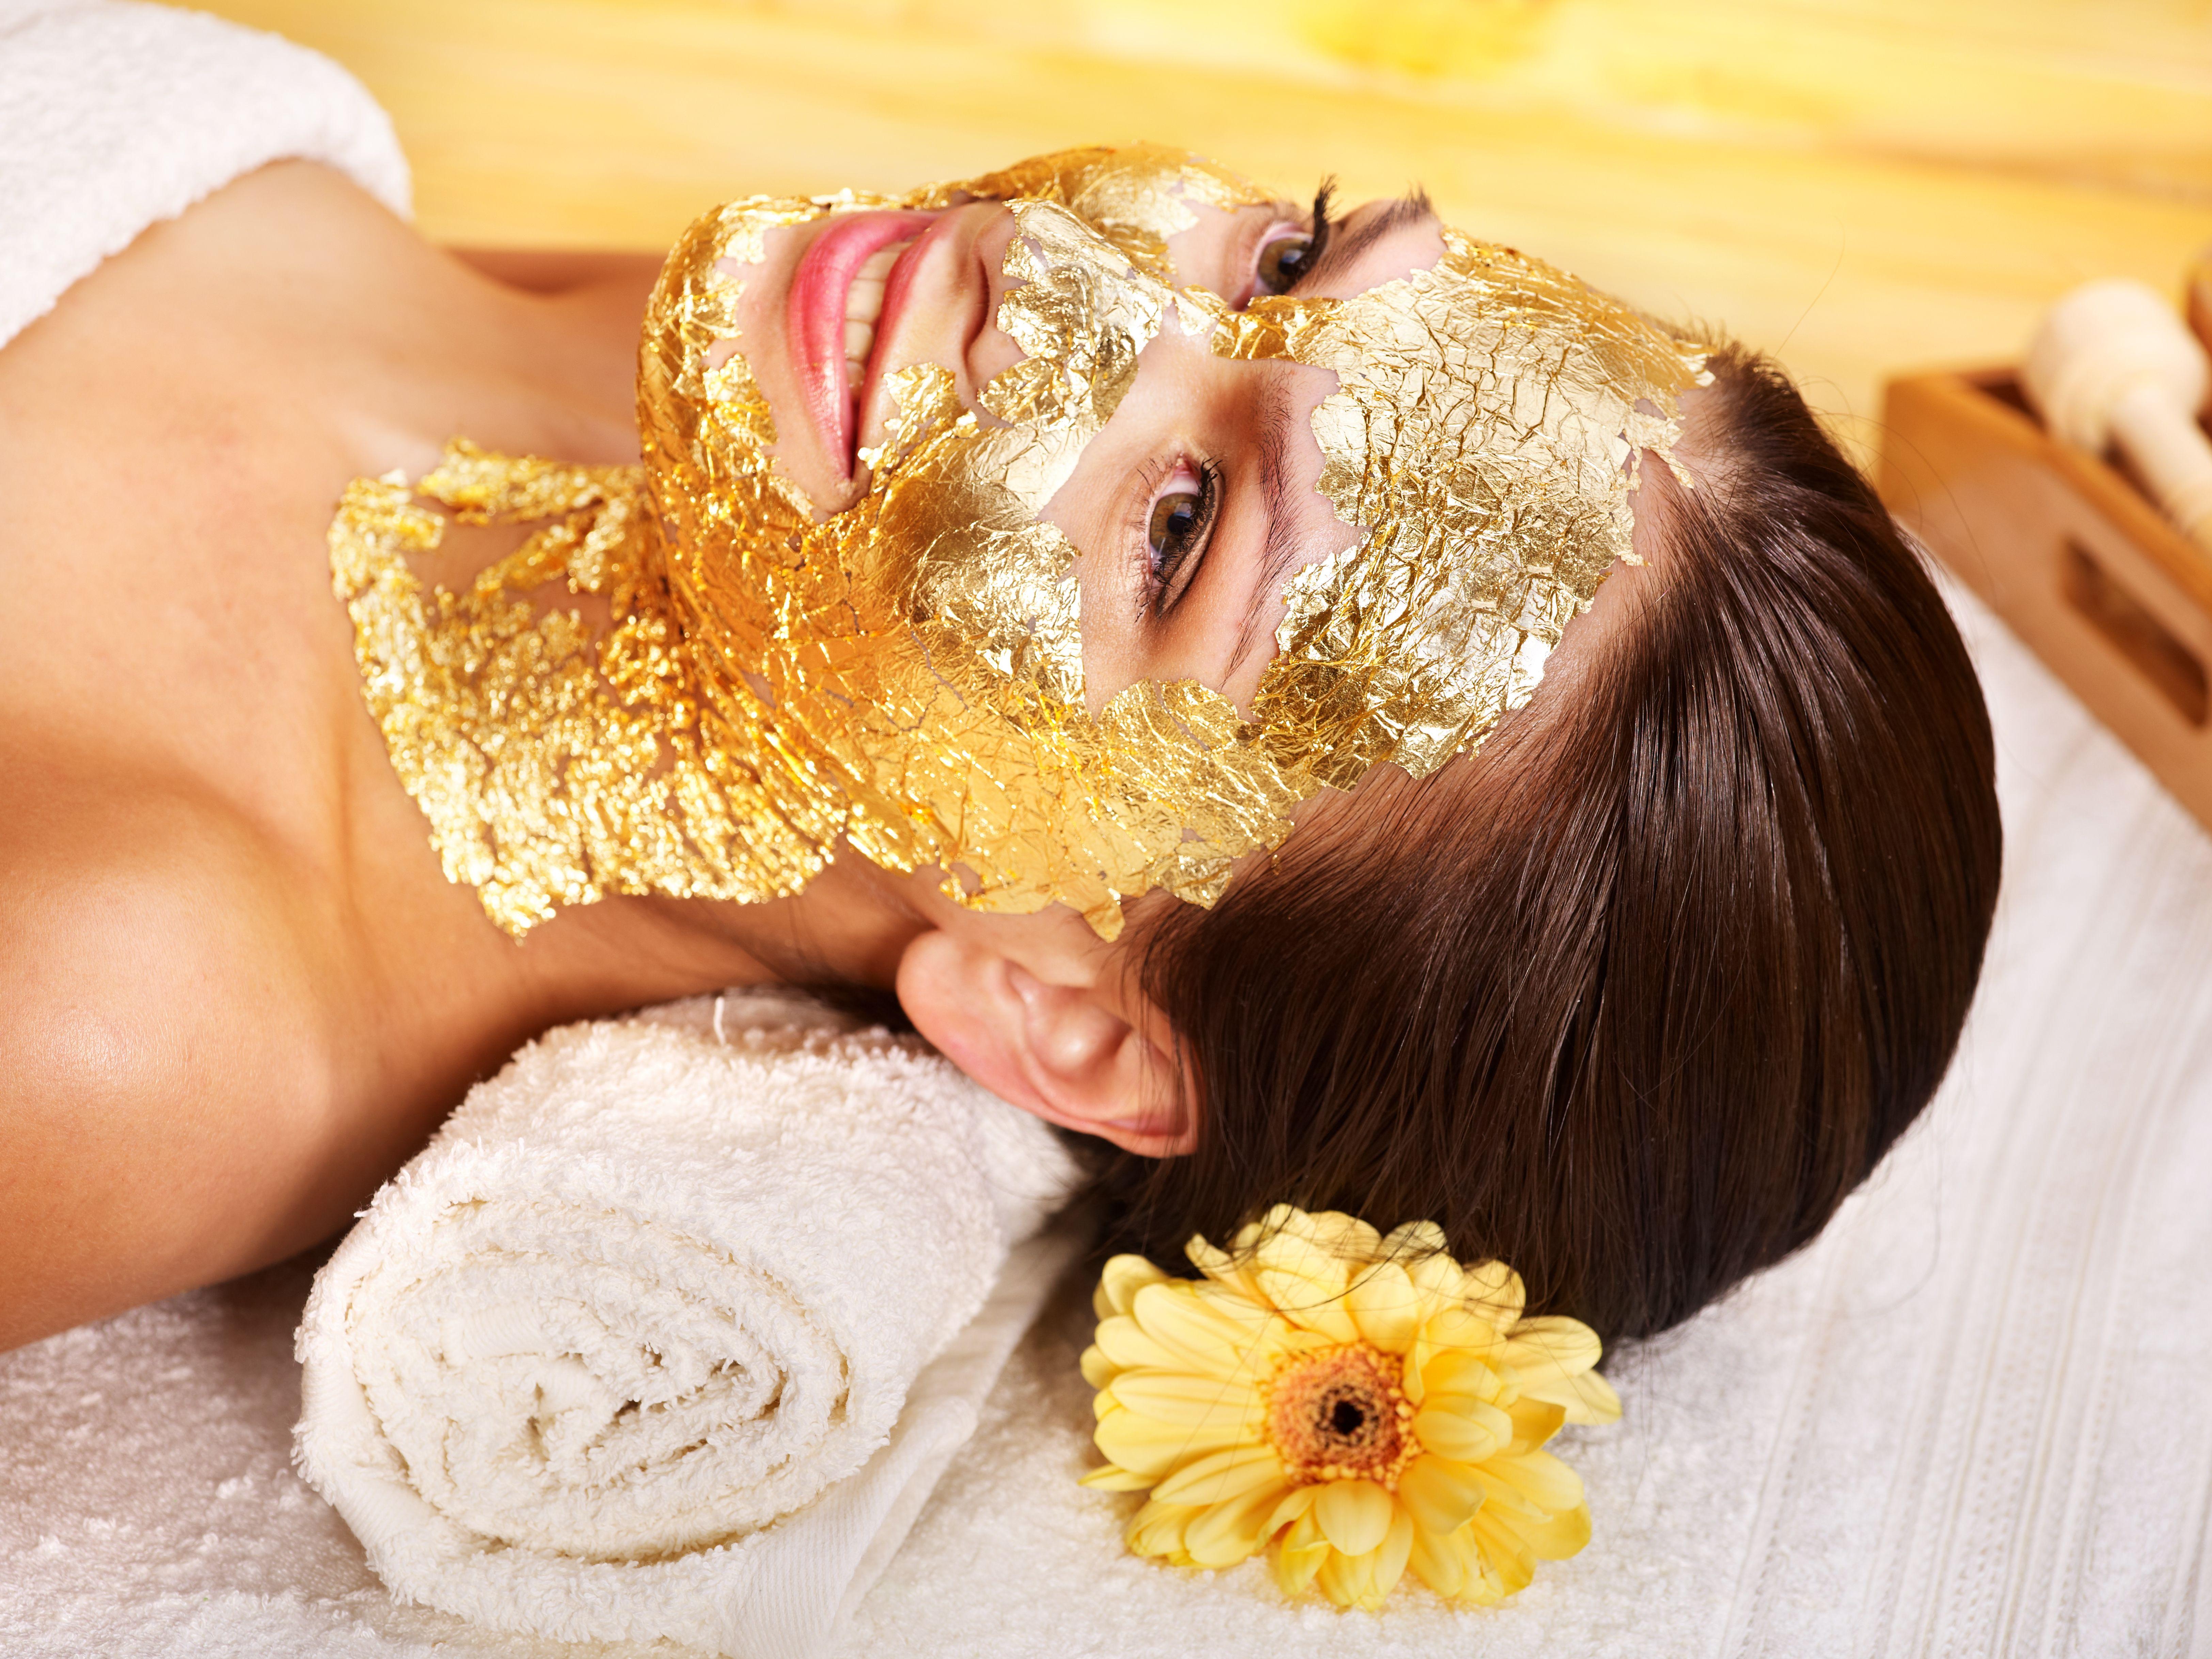 Todo lo que necesitas para el cuidado de tu piel